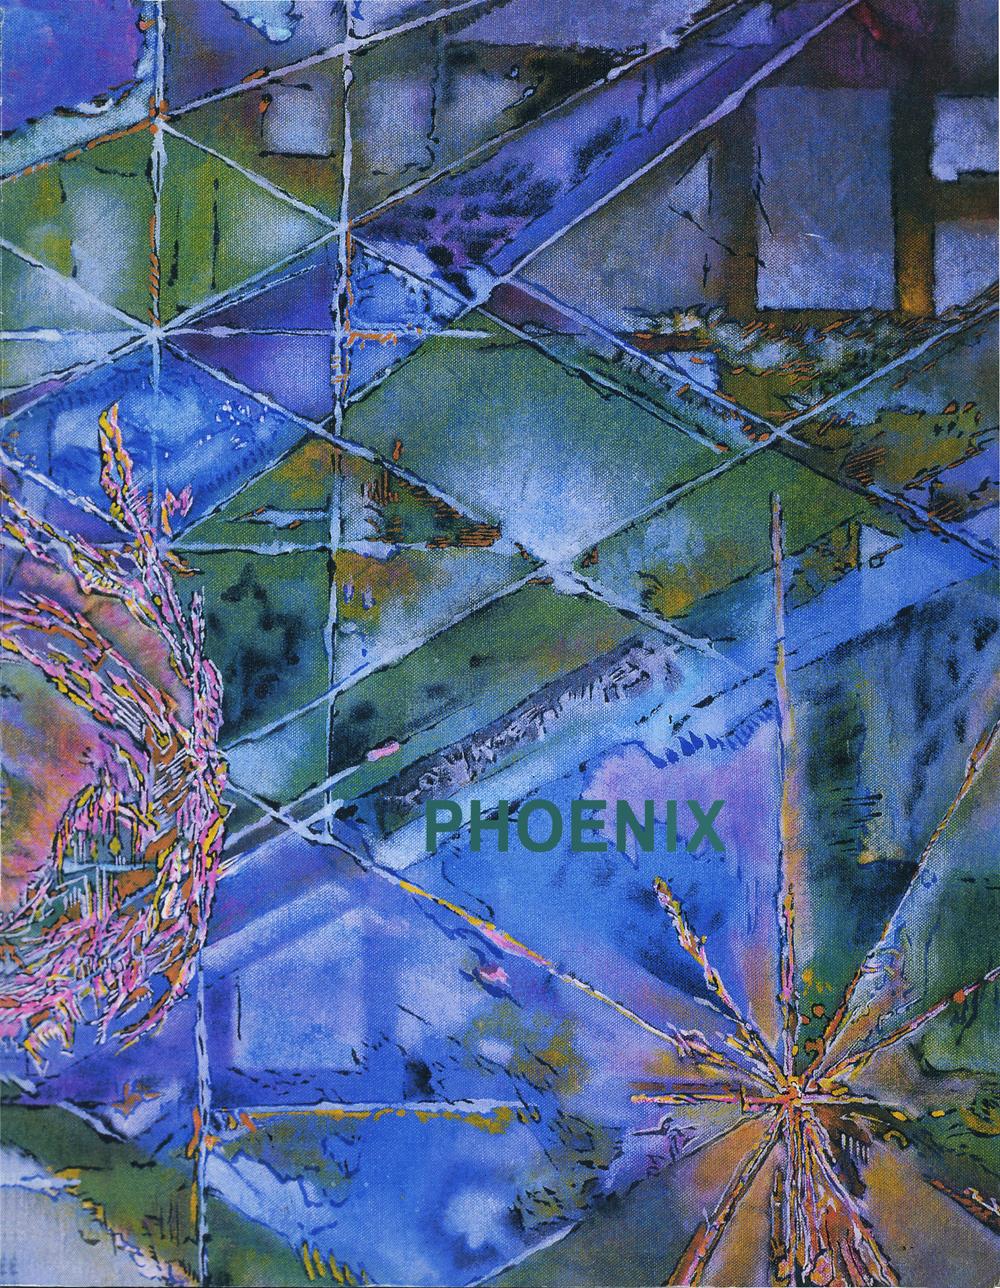 PHOENIX 1996